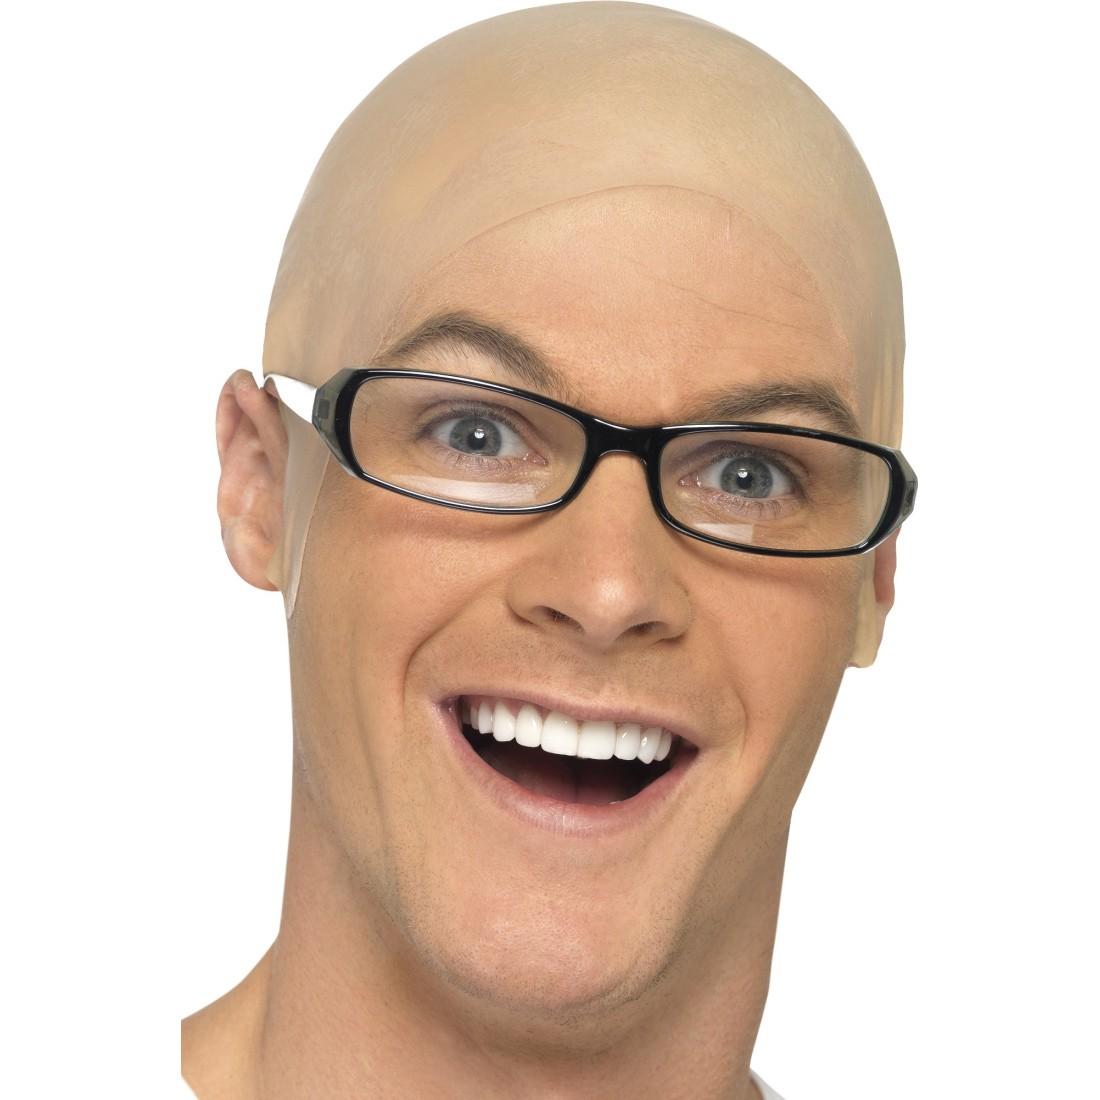 Glatzen percke glatzkopf latexglatze glatzenpercke skinhead kostm latex glatze glatzen percke altavistaventures Gallery